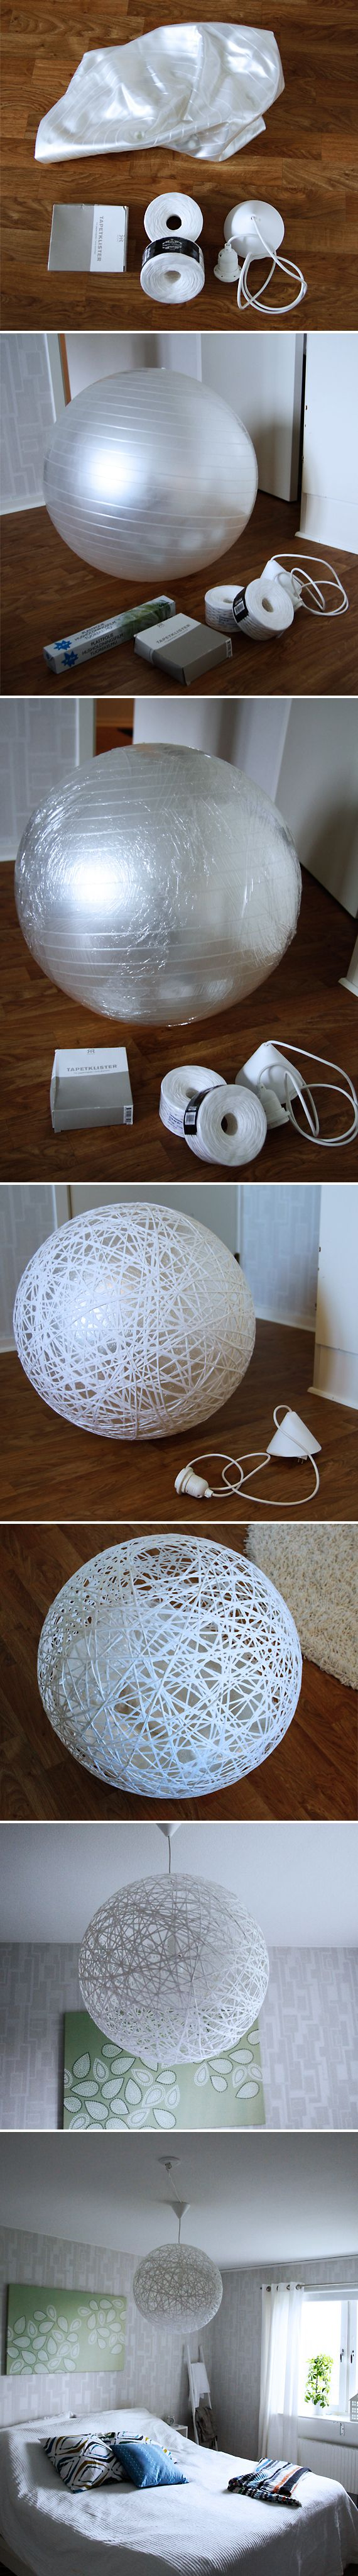 DIY String Lantern